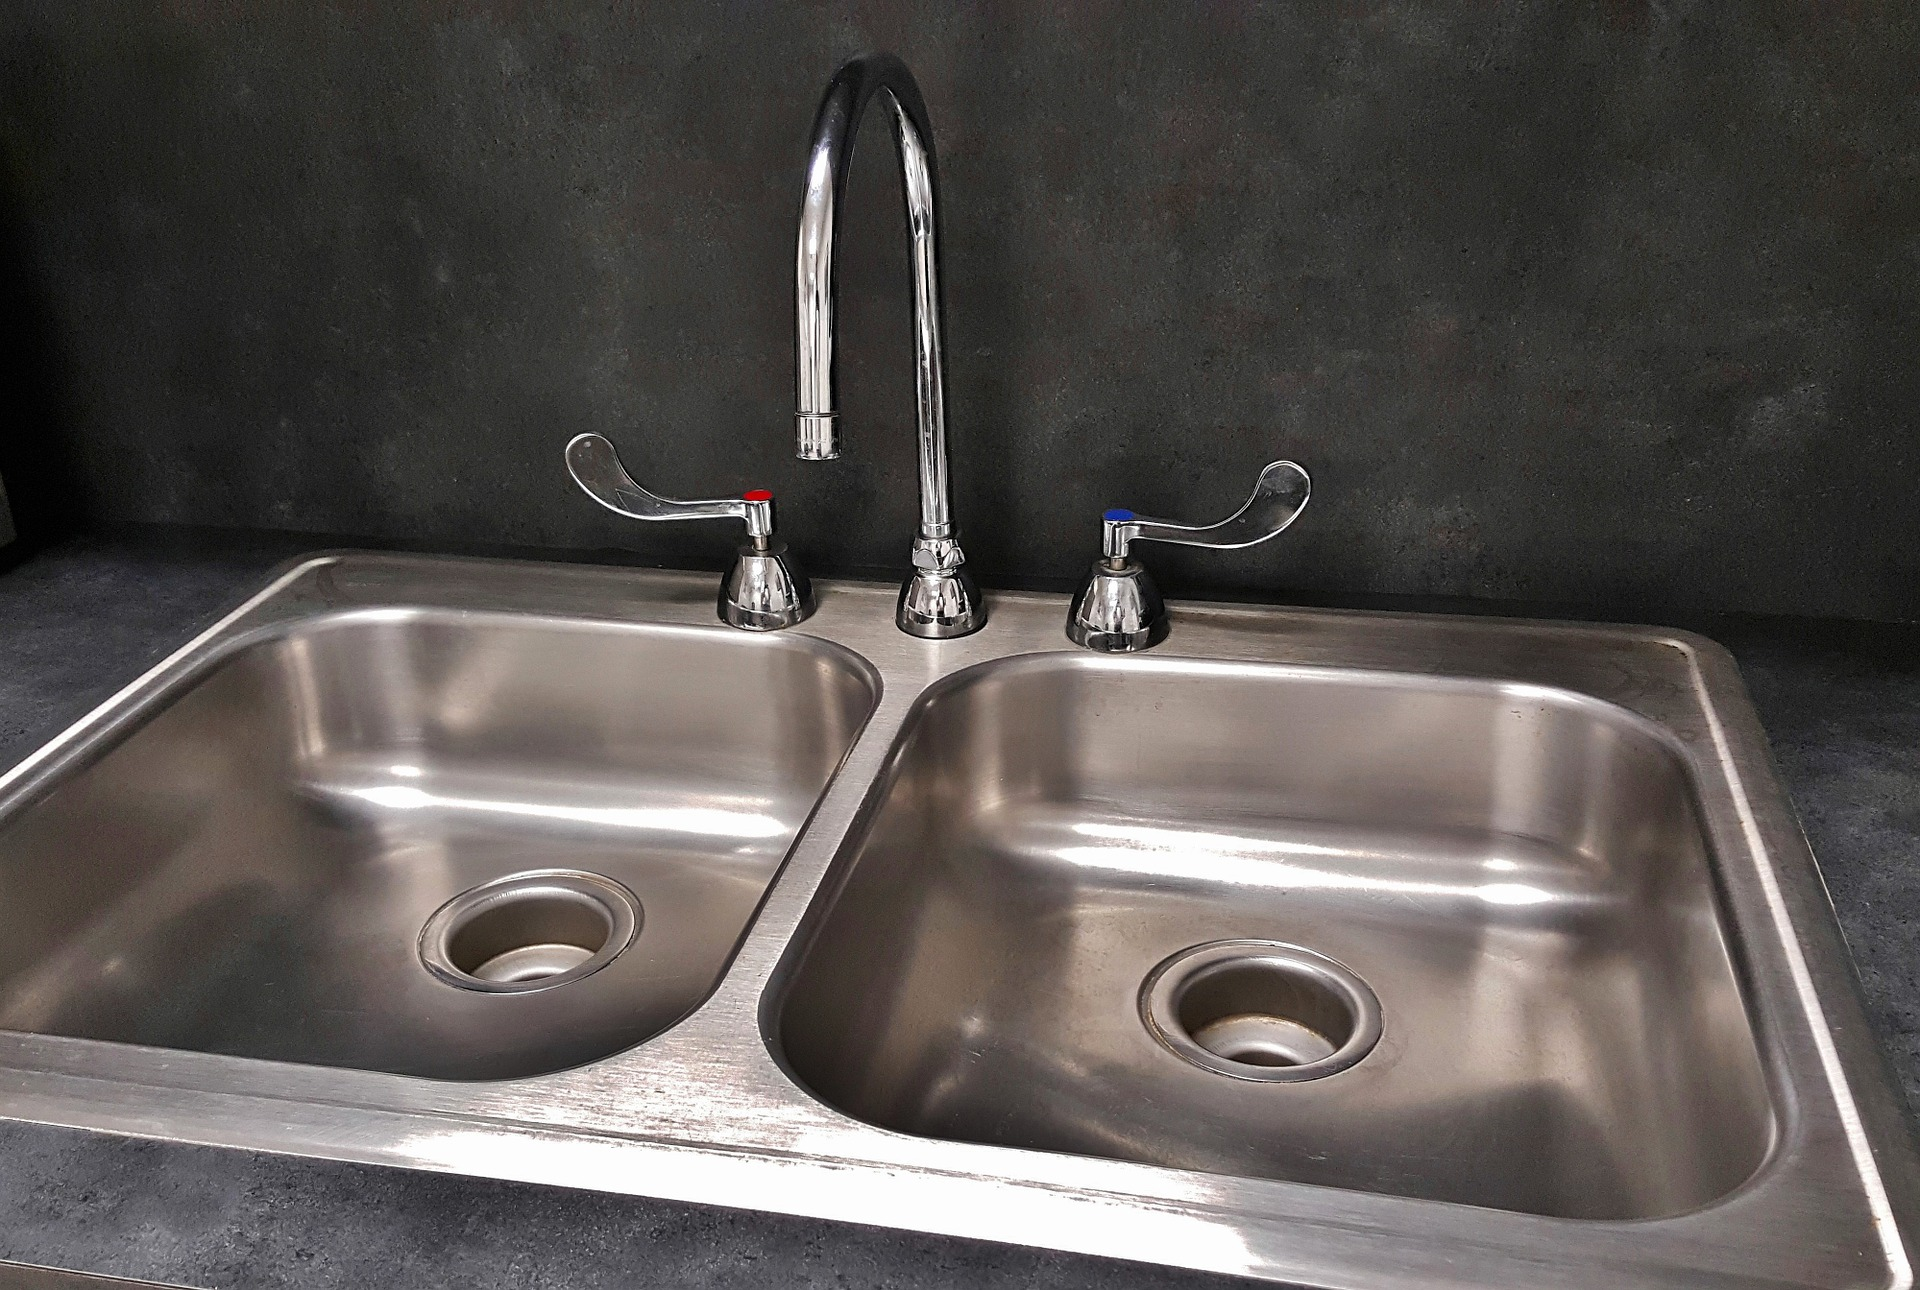 basin-1502548_1920